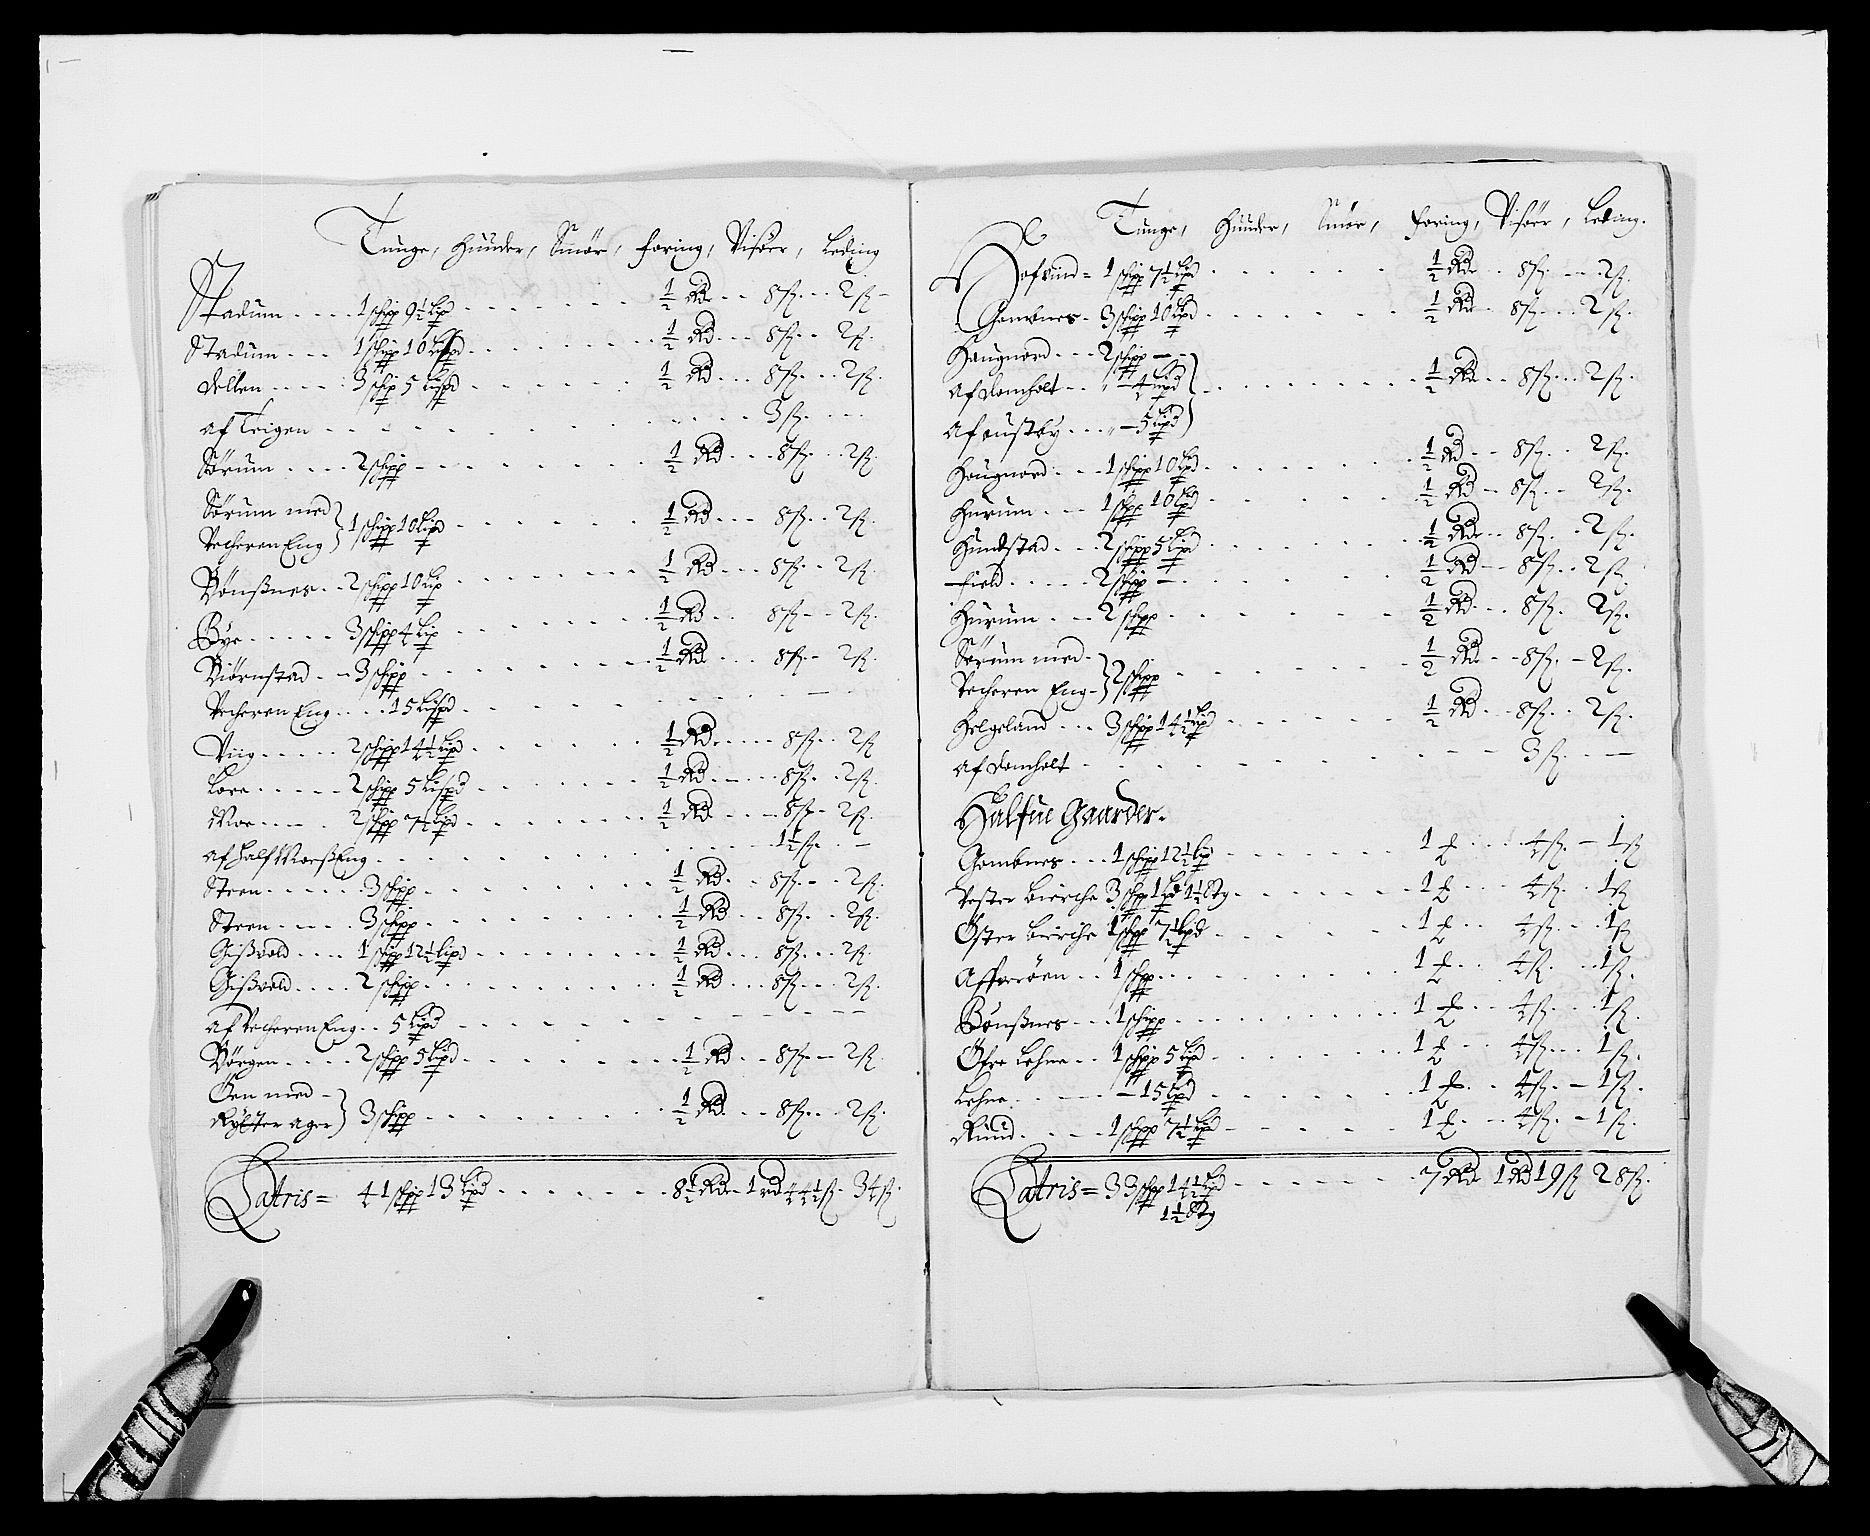 RA, Rentekammeret inntil 1814, Reviderte regnskaper, Fogderegnskap, R21/L1446: Fogderegnskap Ringerike og Hallingdal, 1683-1686, s. 433